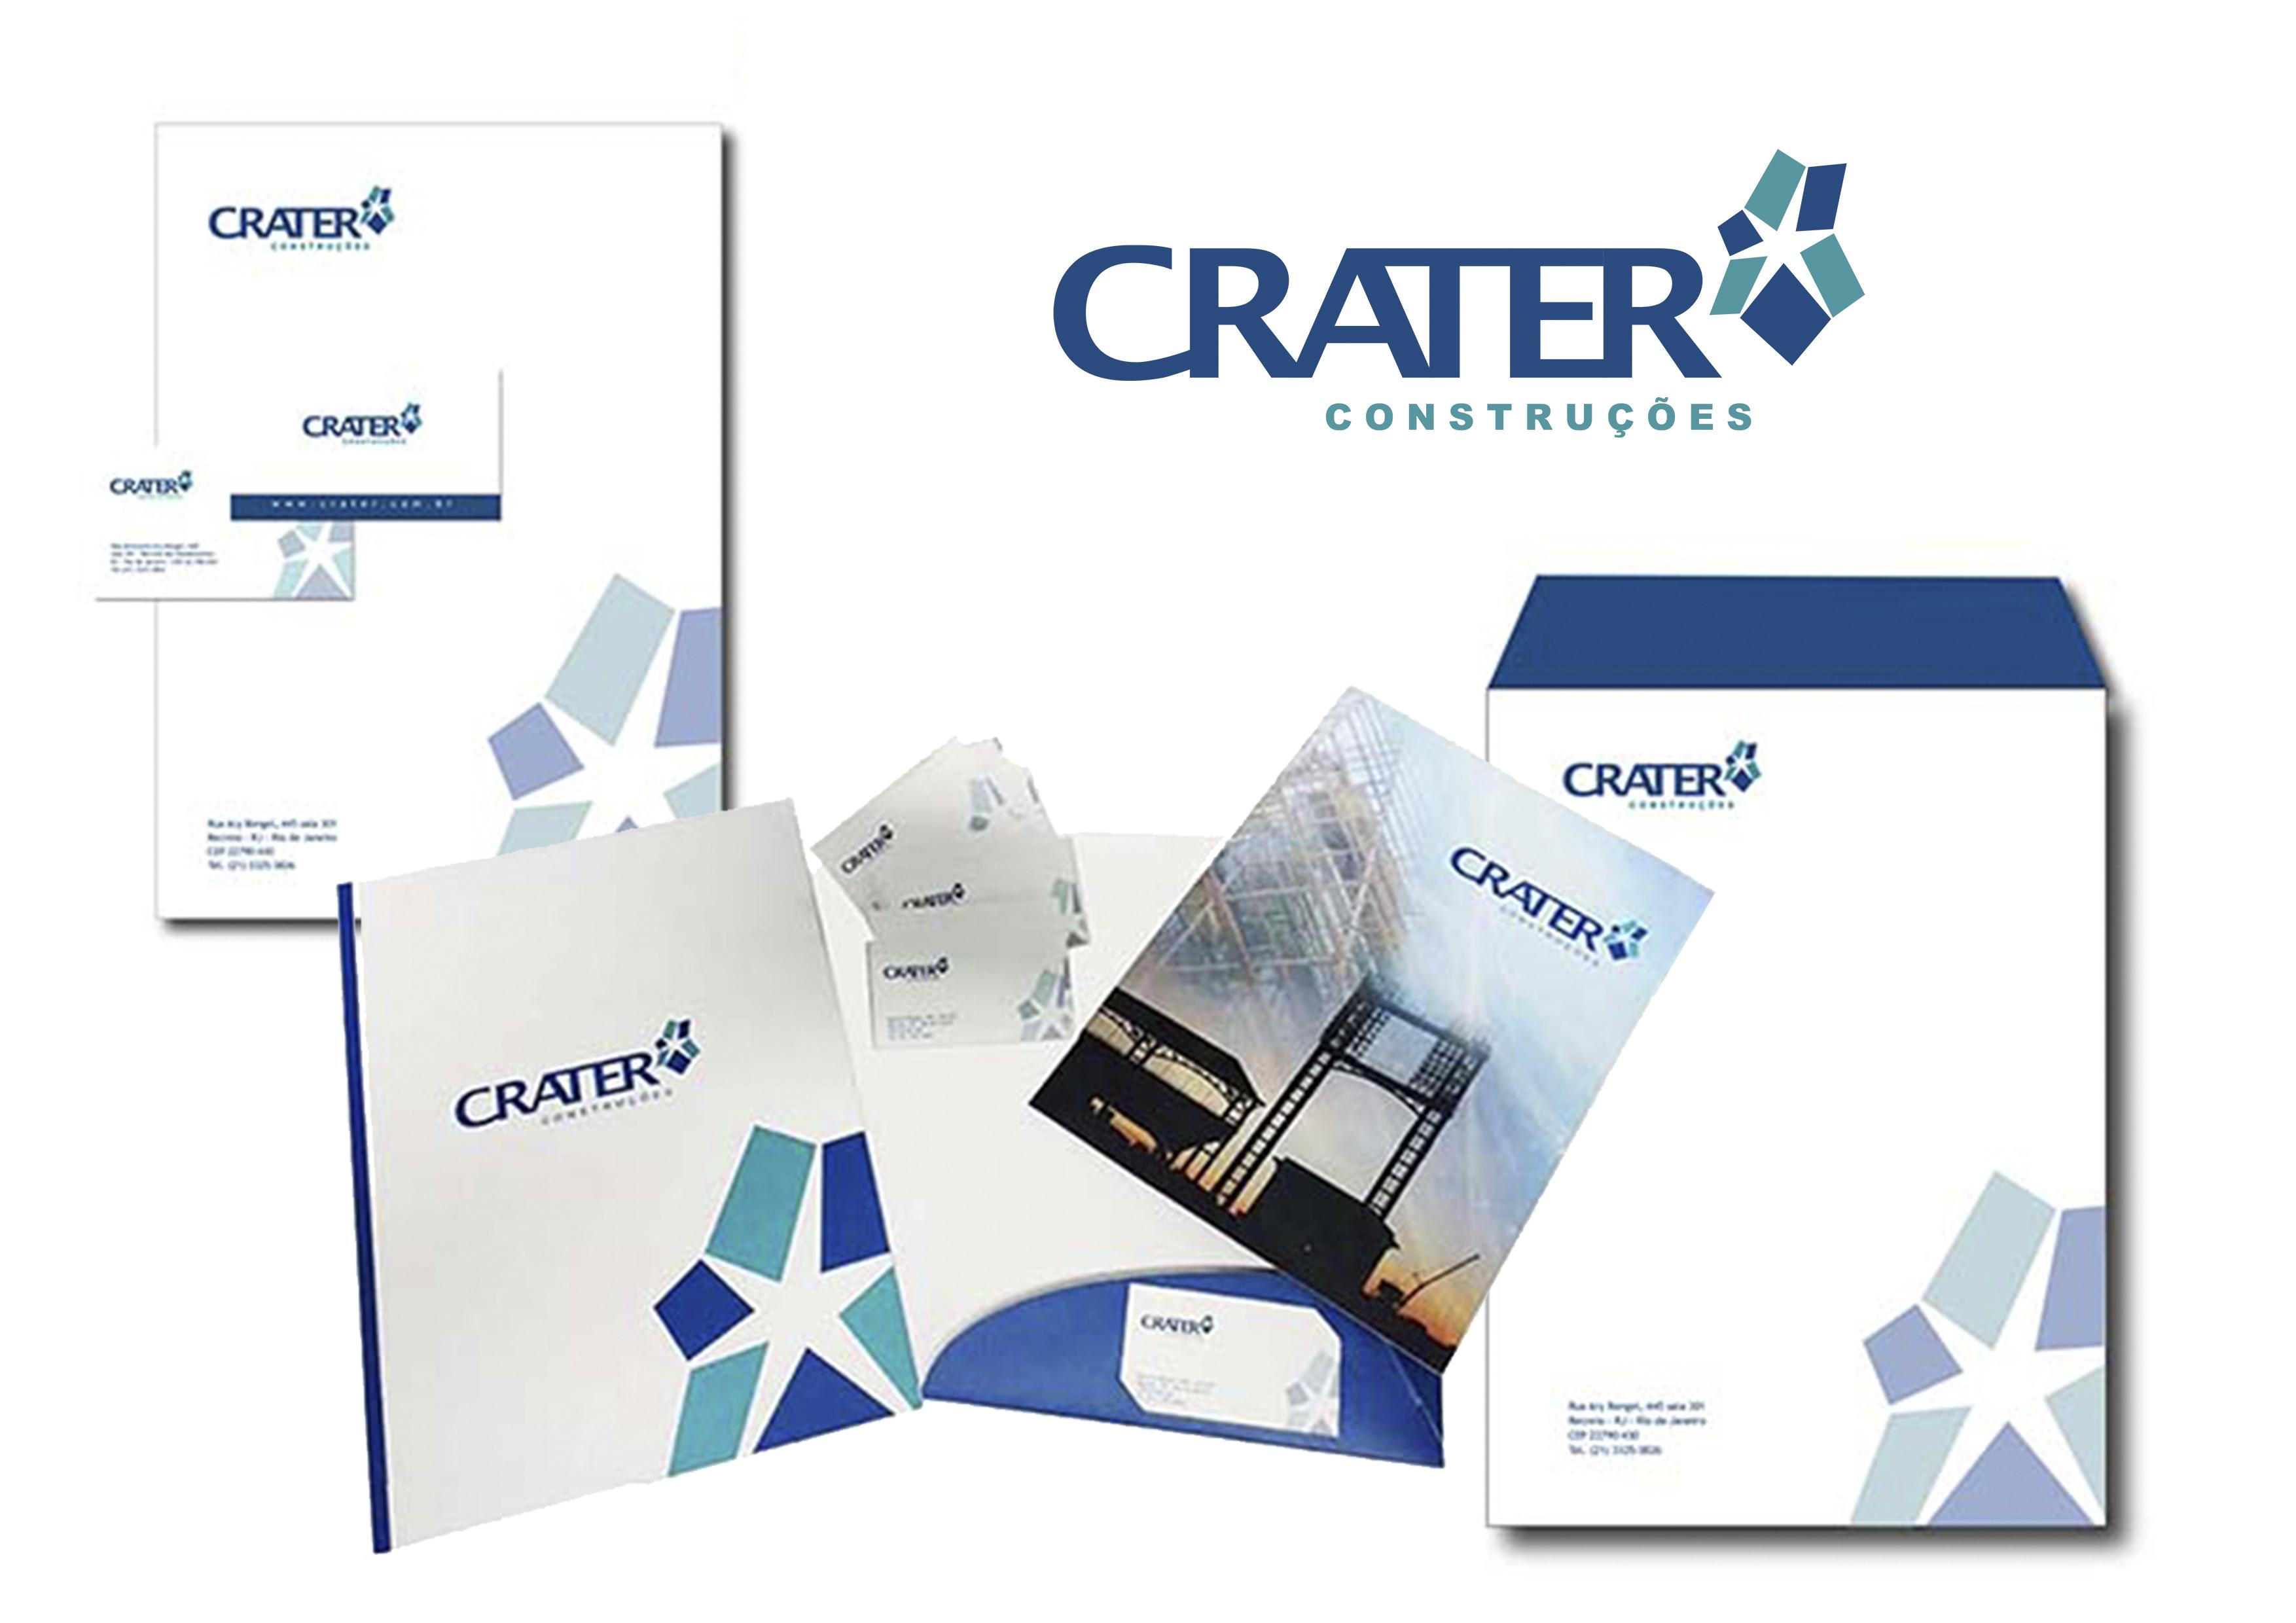 Crater - Construções